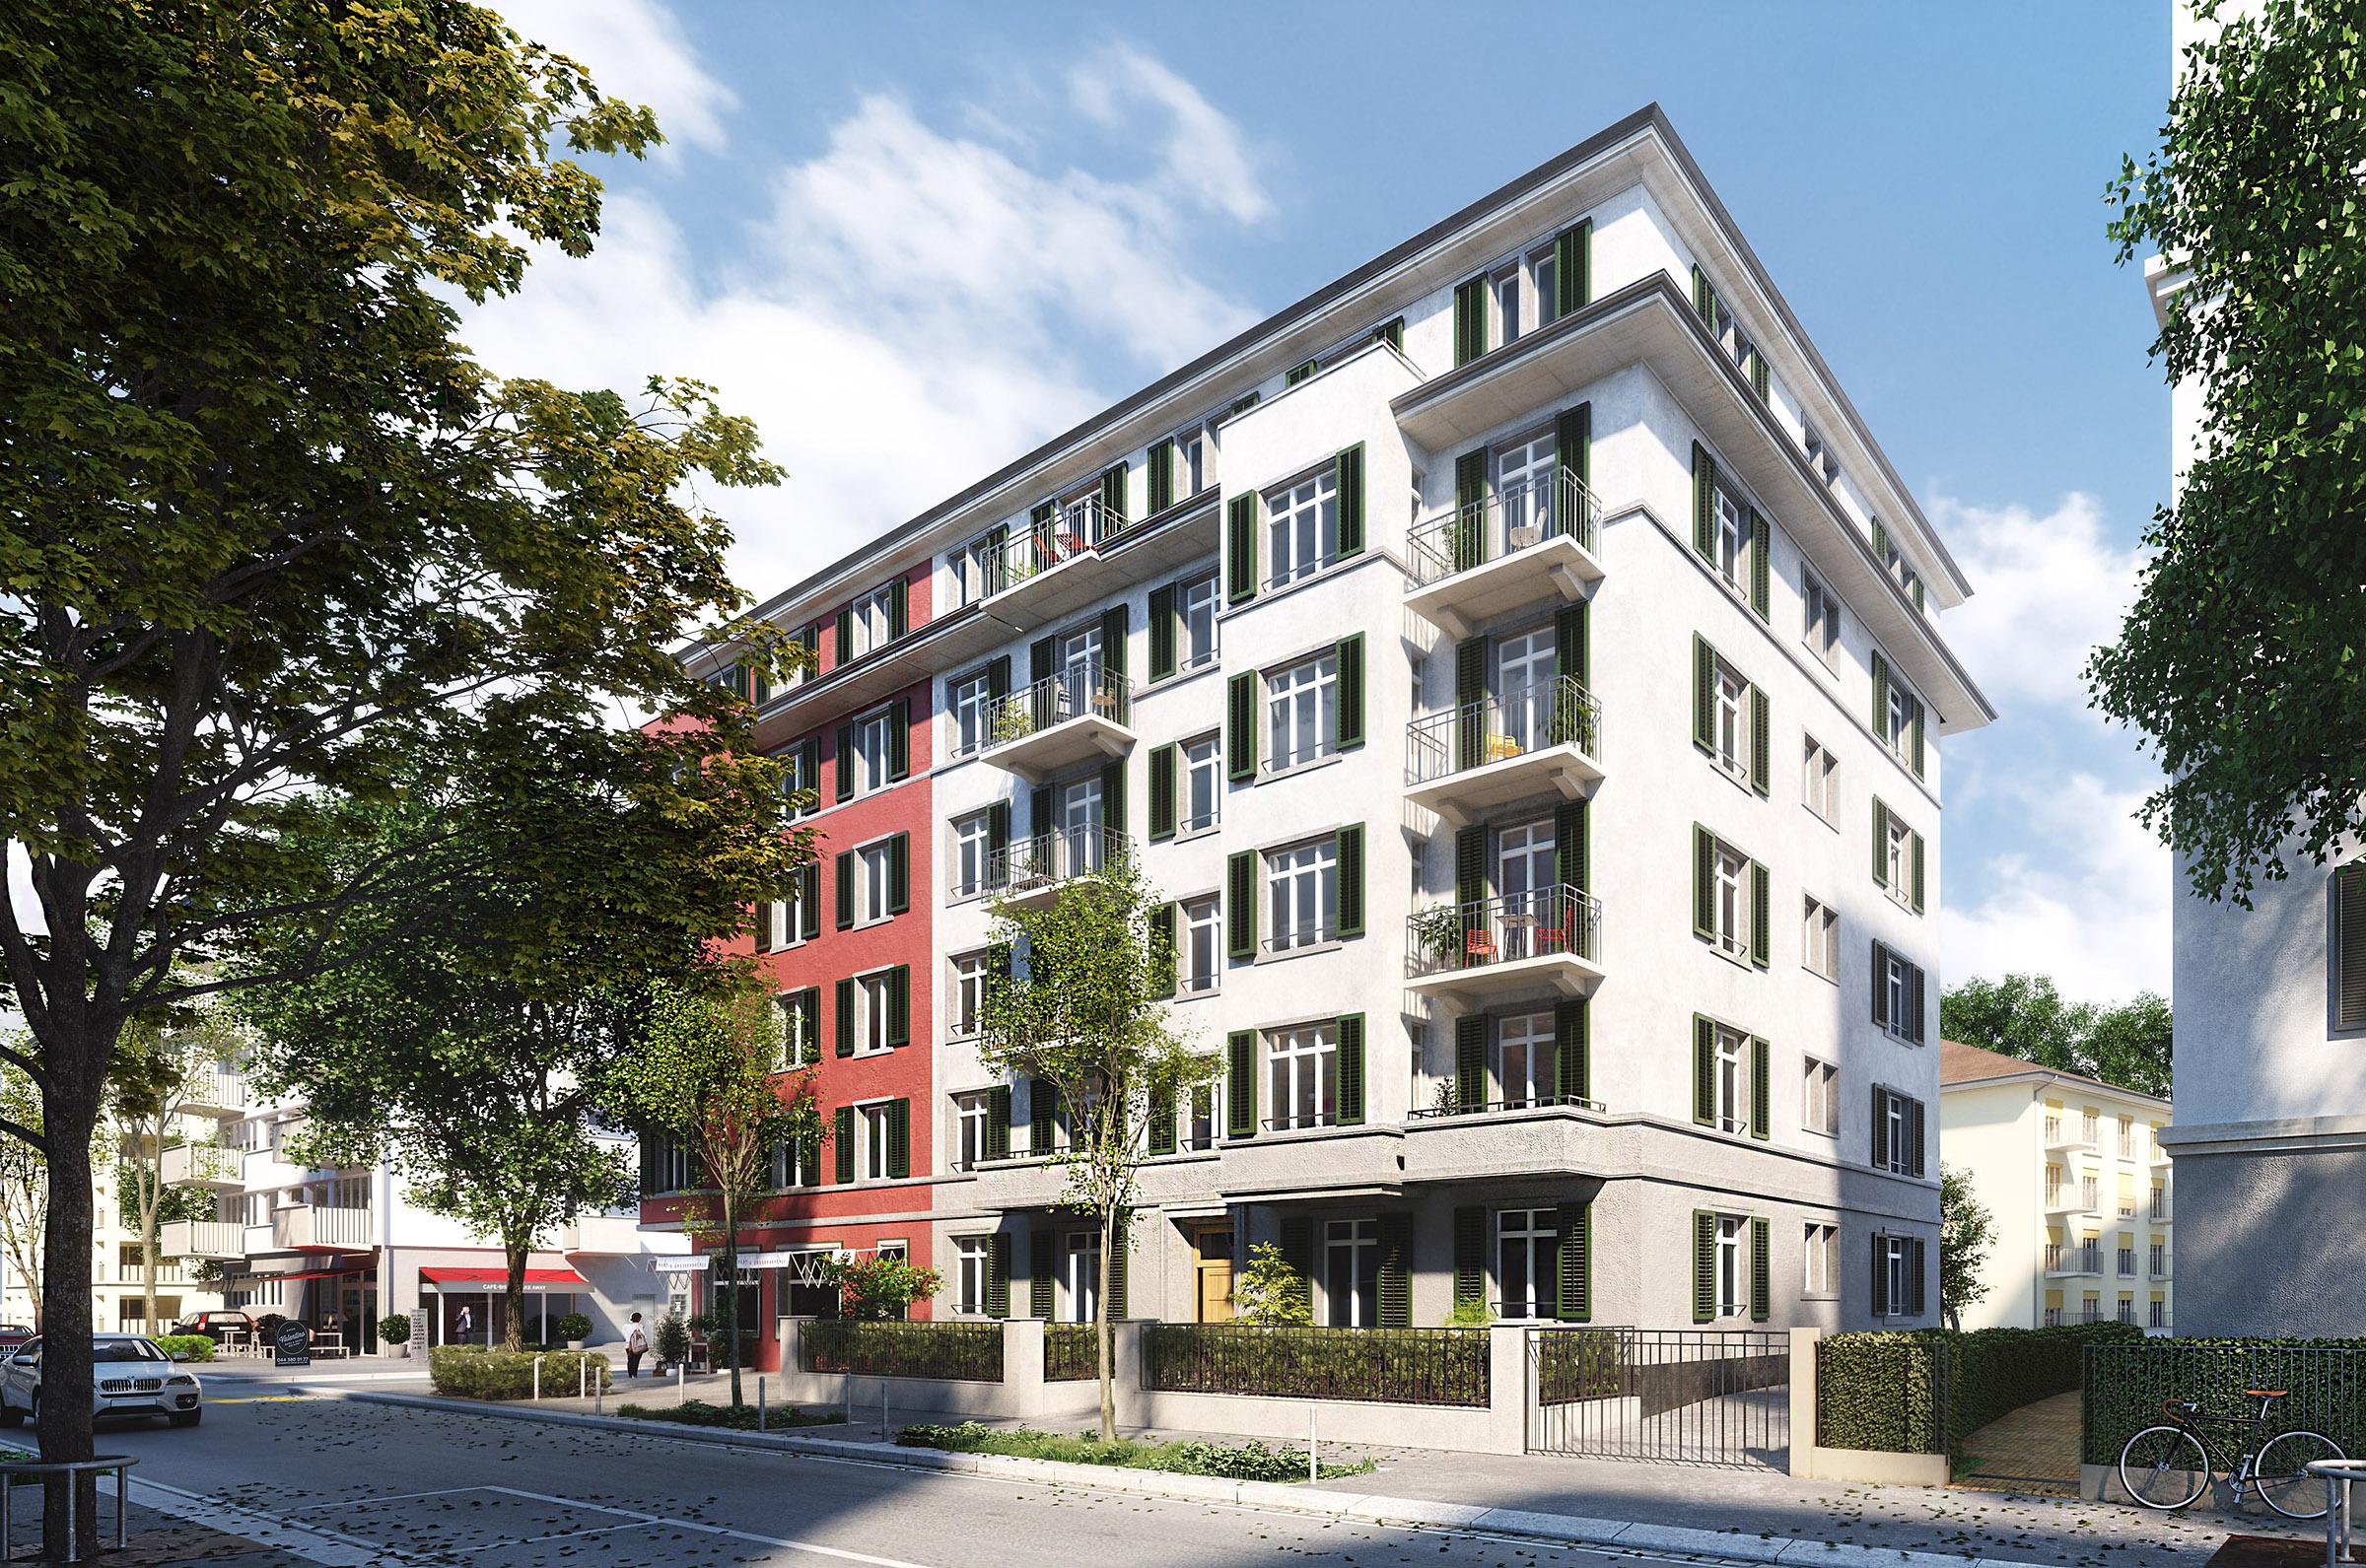 3d-architektur-Visualisierung-Zuerich-Seefeld